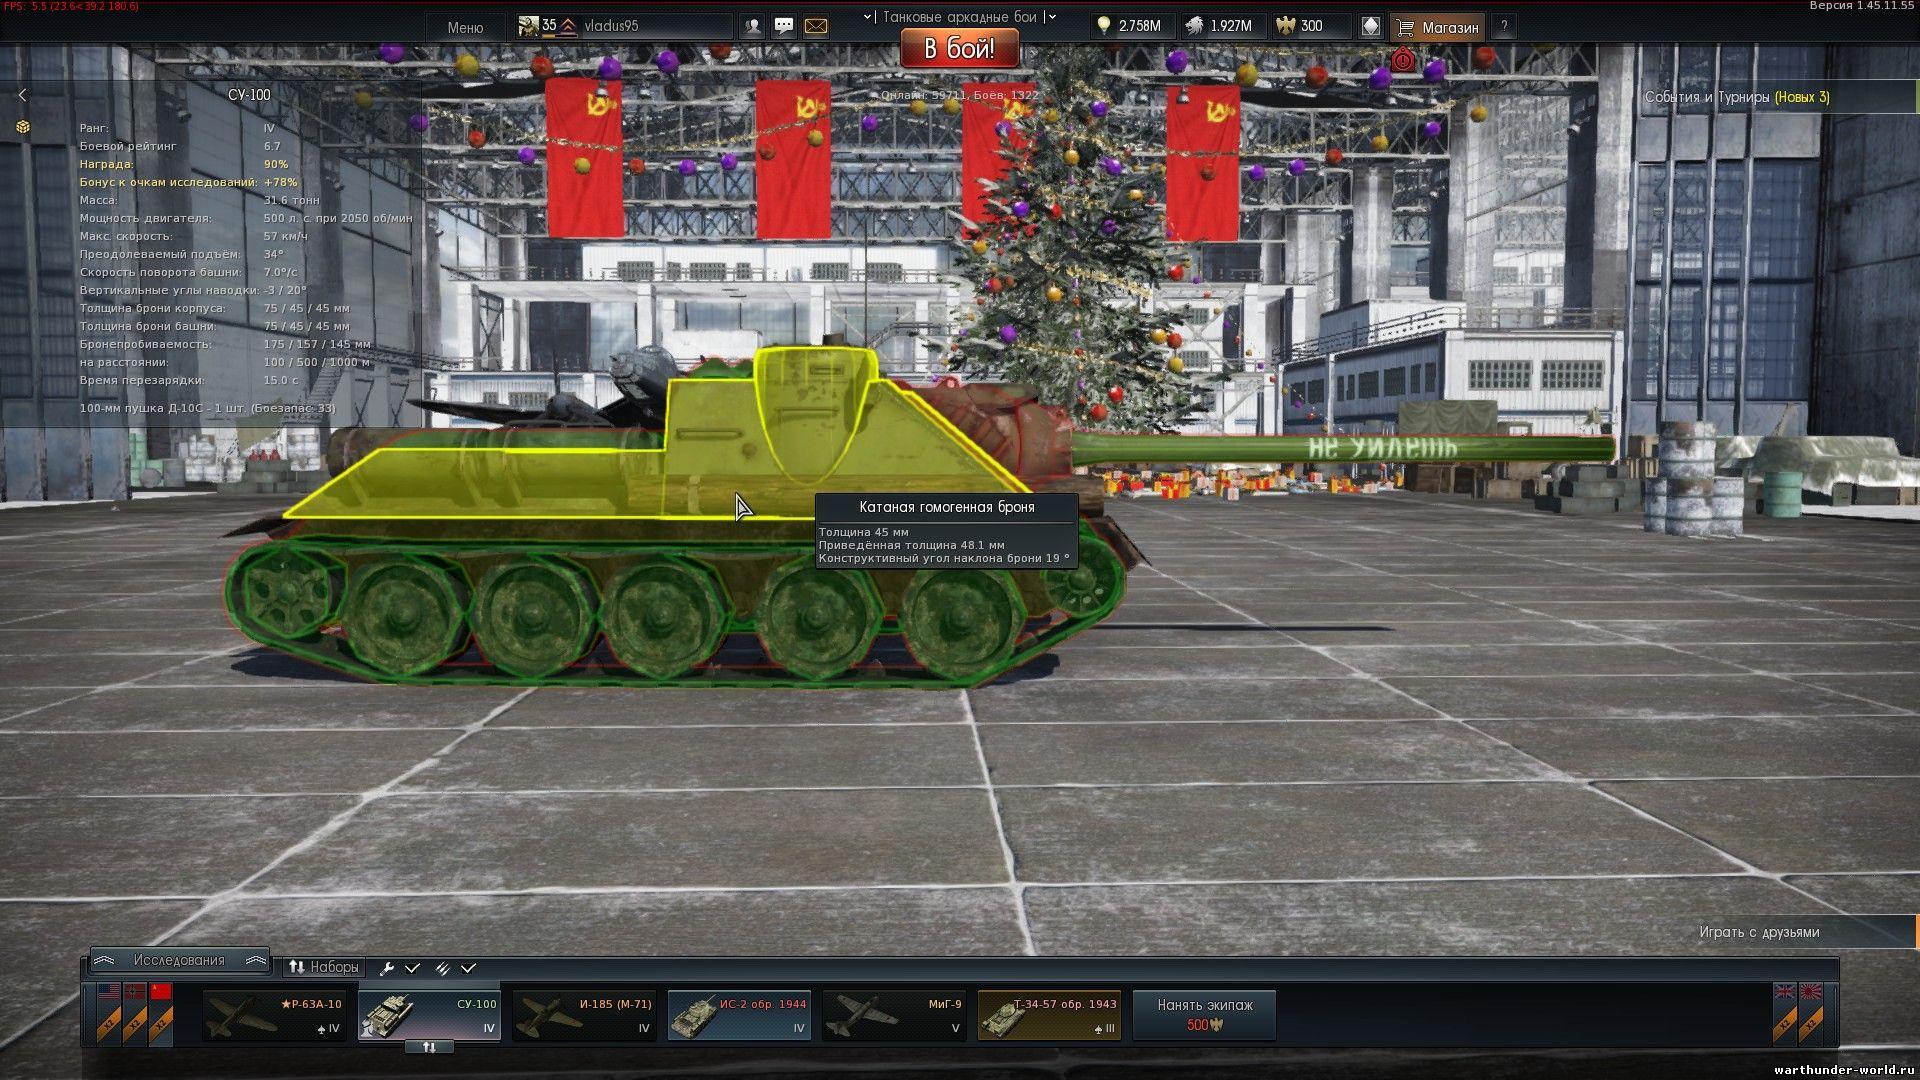 вар тандер пробития танков